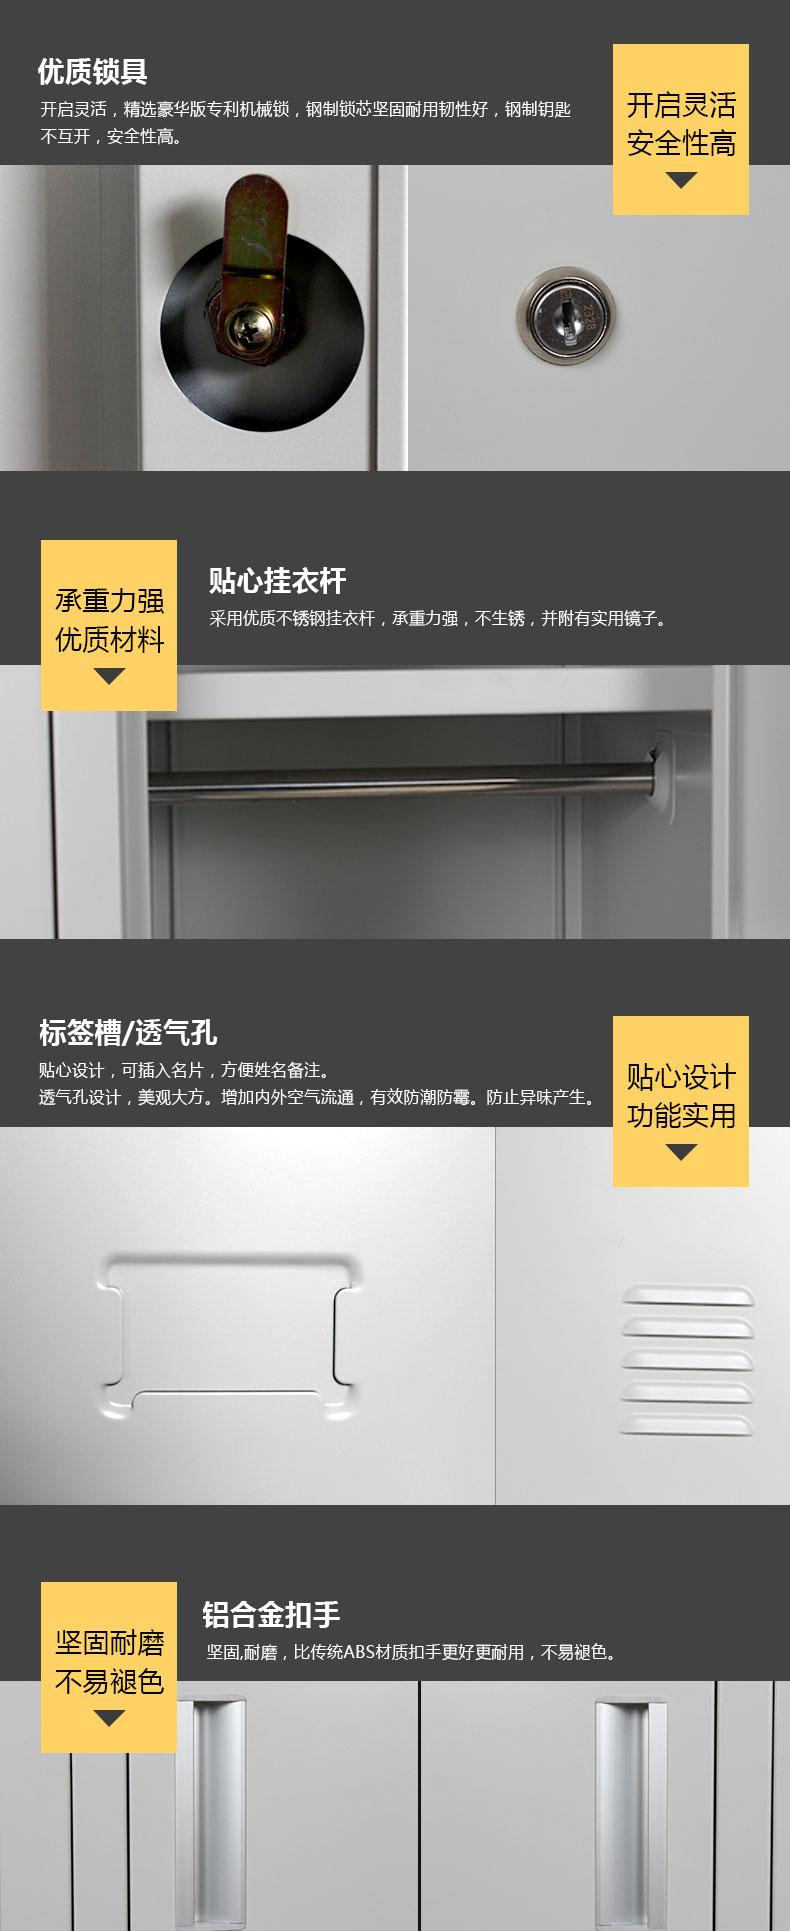 钢制更衣柜